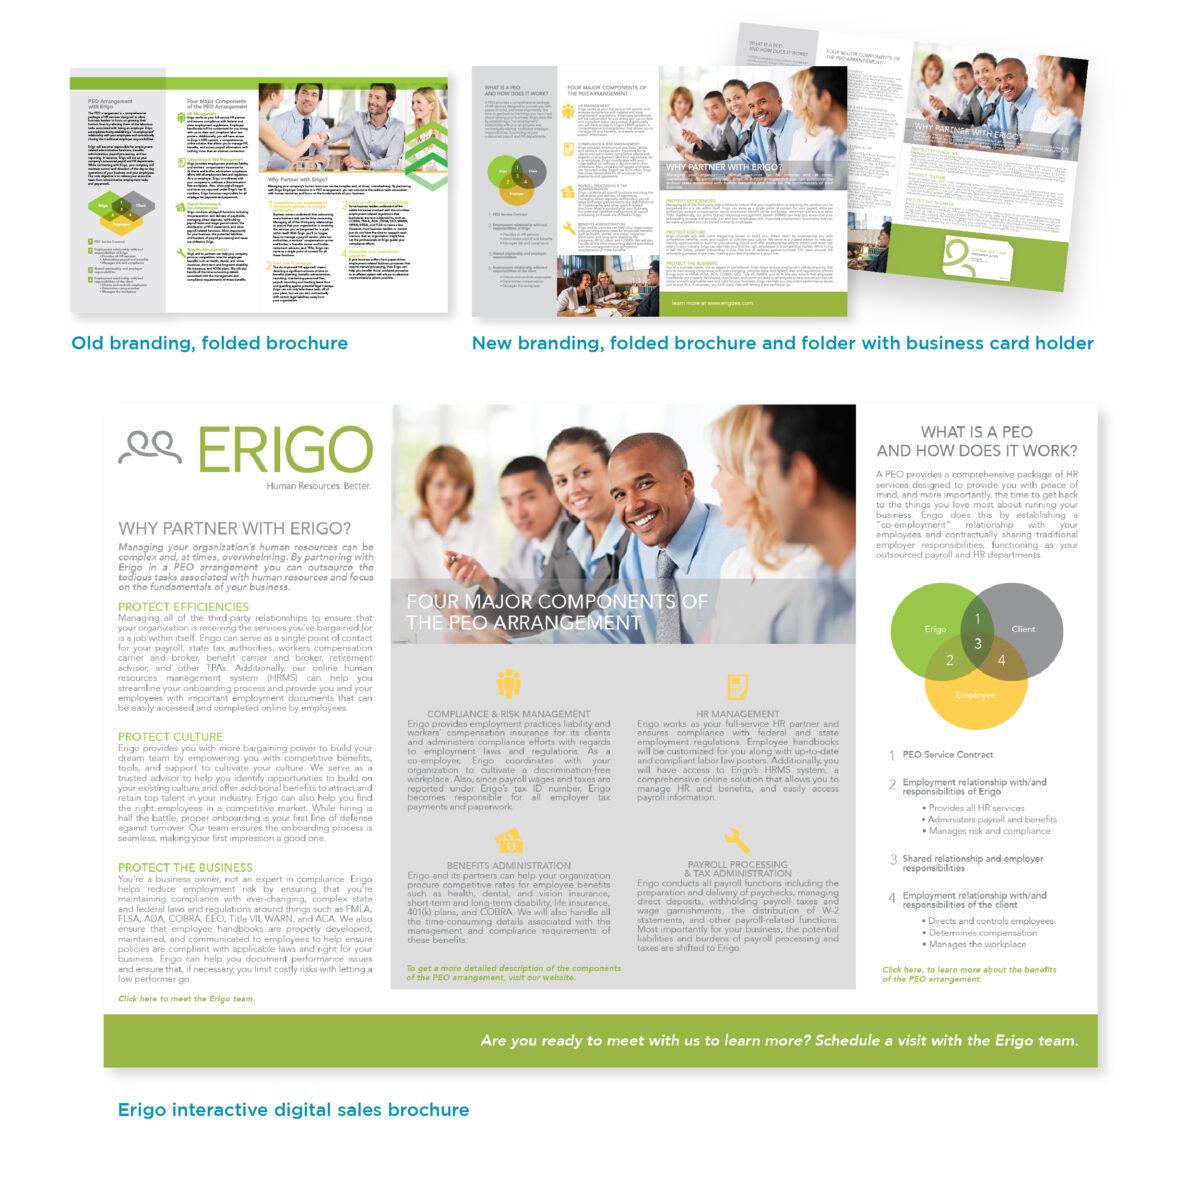 Erigo Overview Pamphlet